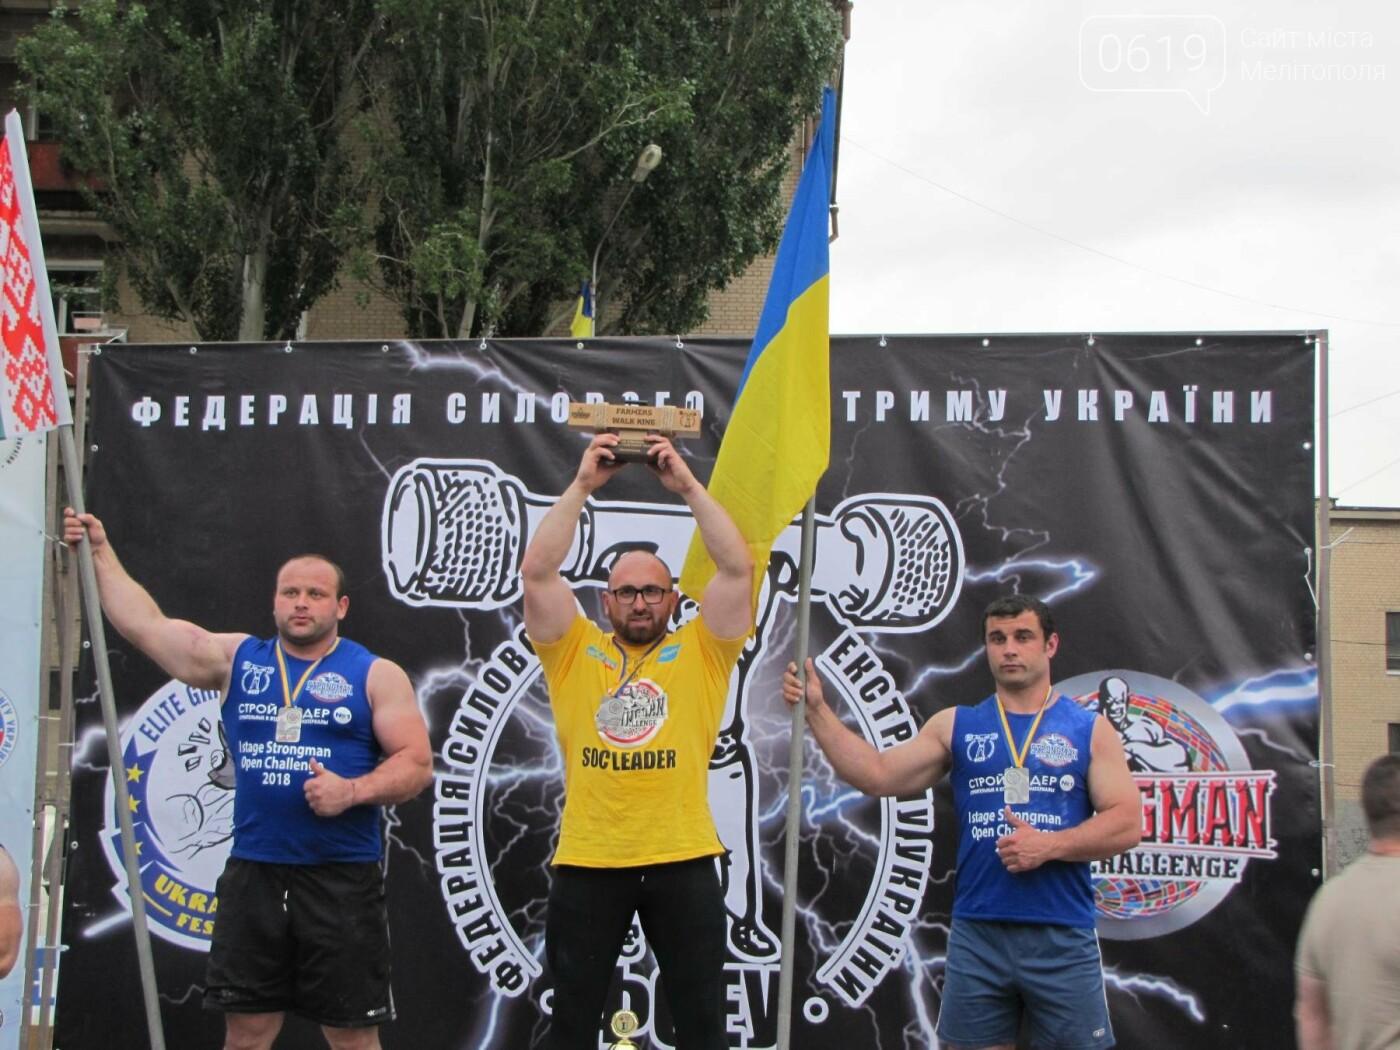 Три победы за неделю: мелитопольский богатырь выиграл второй этап международного чемпионата, фото-55